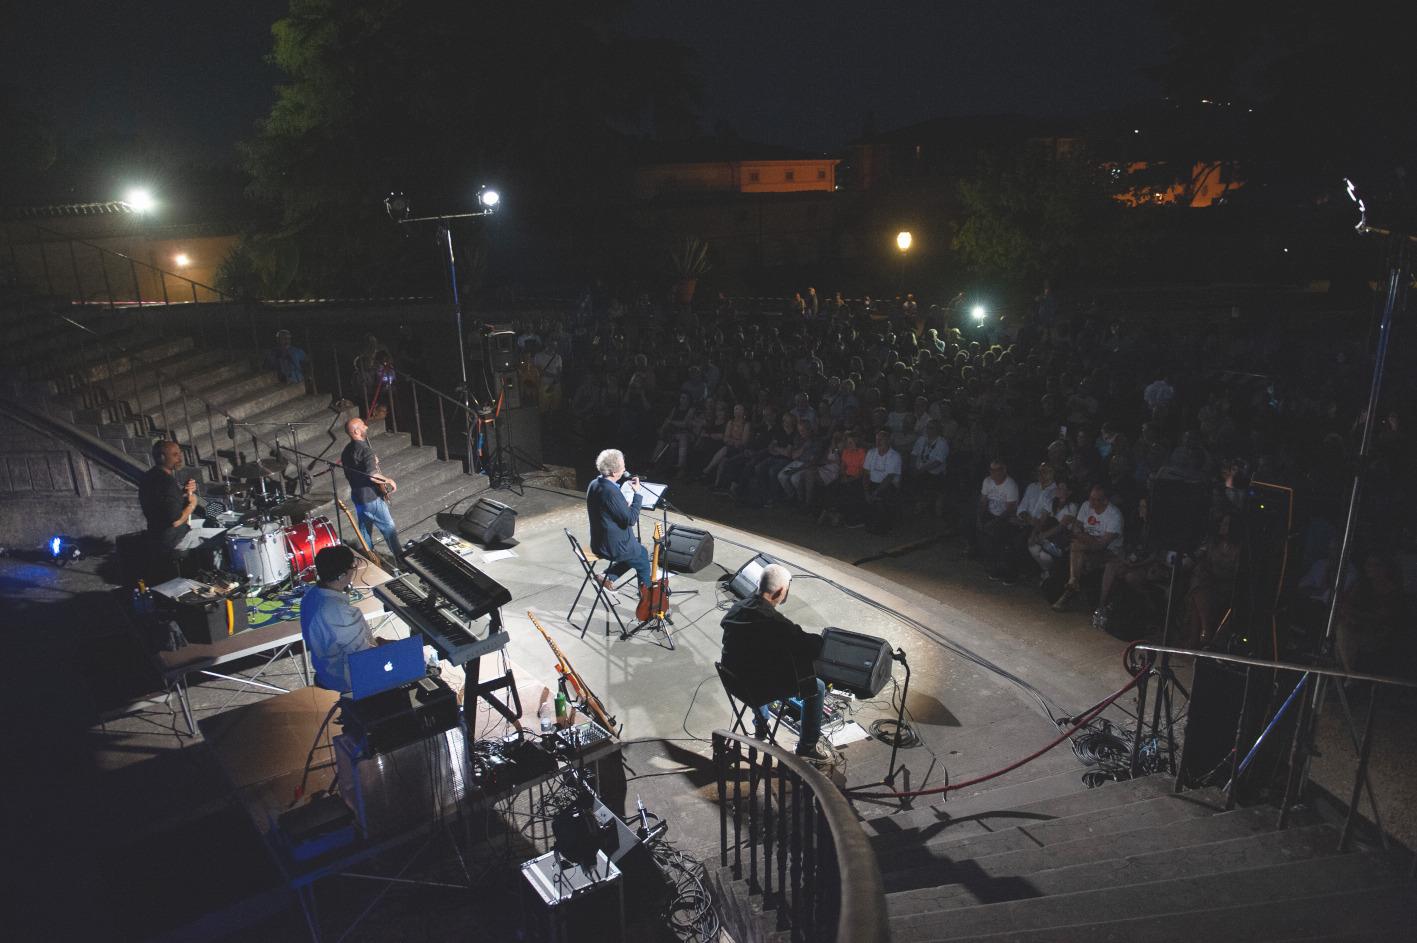 Festival Colline VIlla Medicea Poggio Caiano 8 pic ok